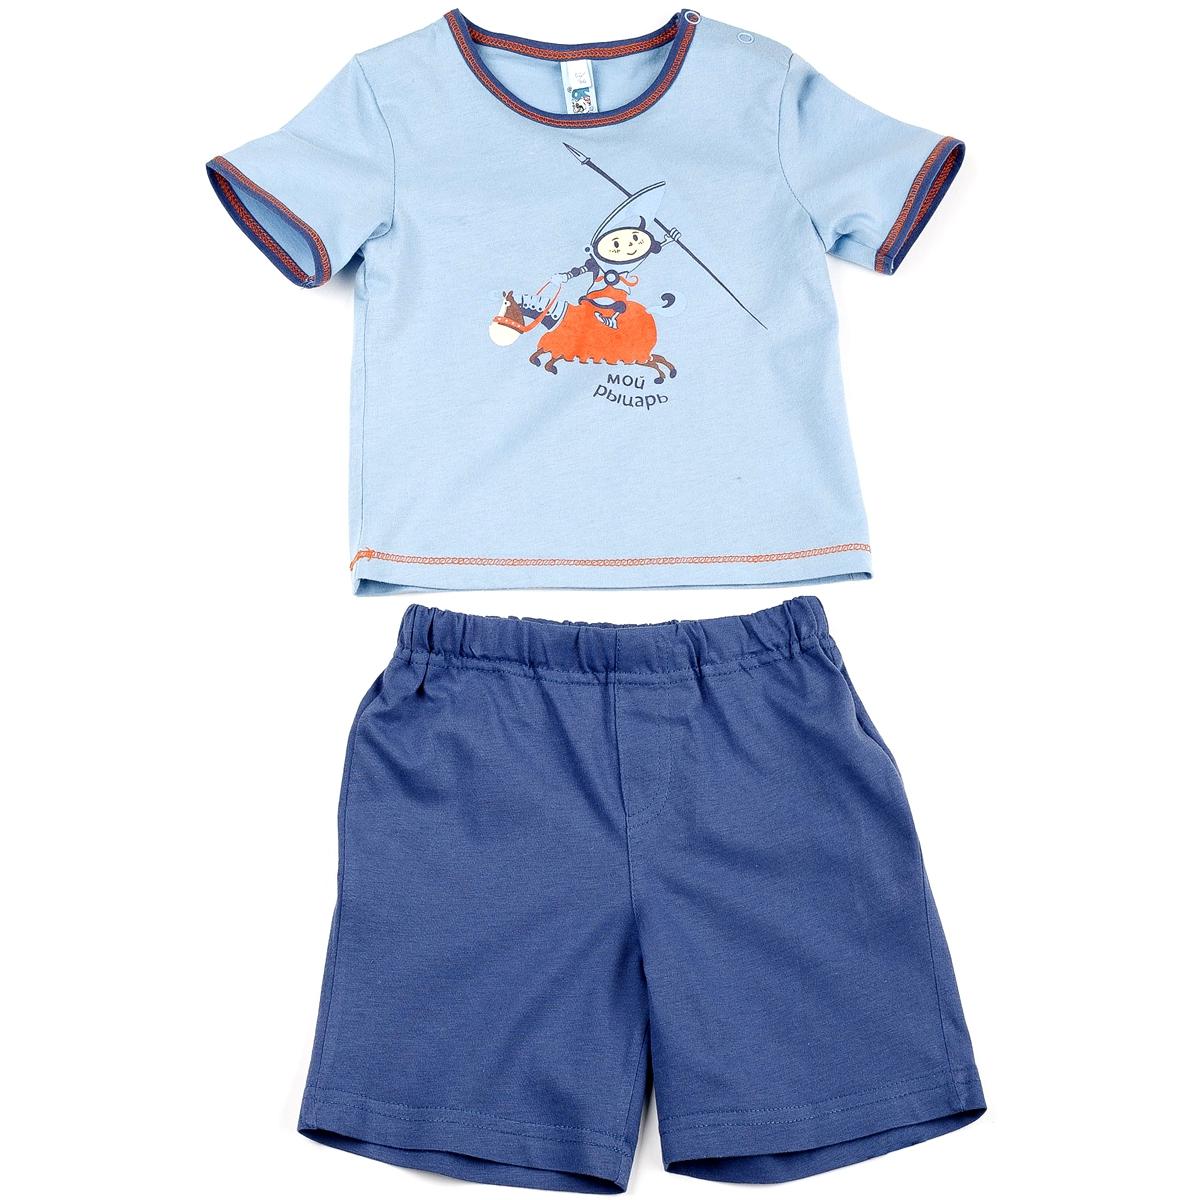 Комплект Veneya Венейя (футболка+шорты) для мальчика, цвет голубой размер 92